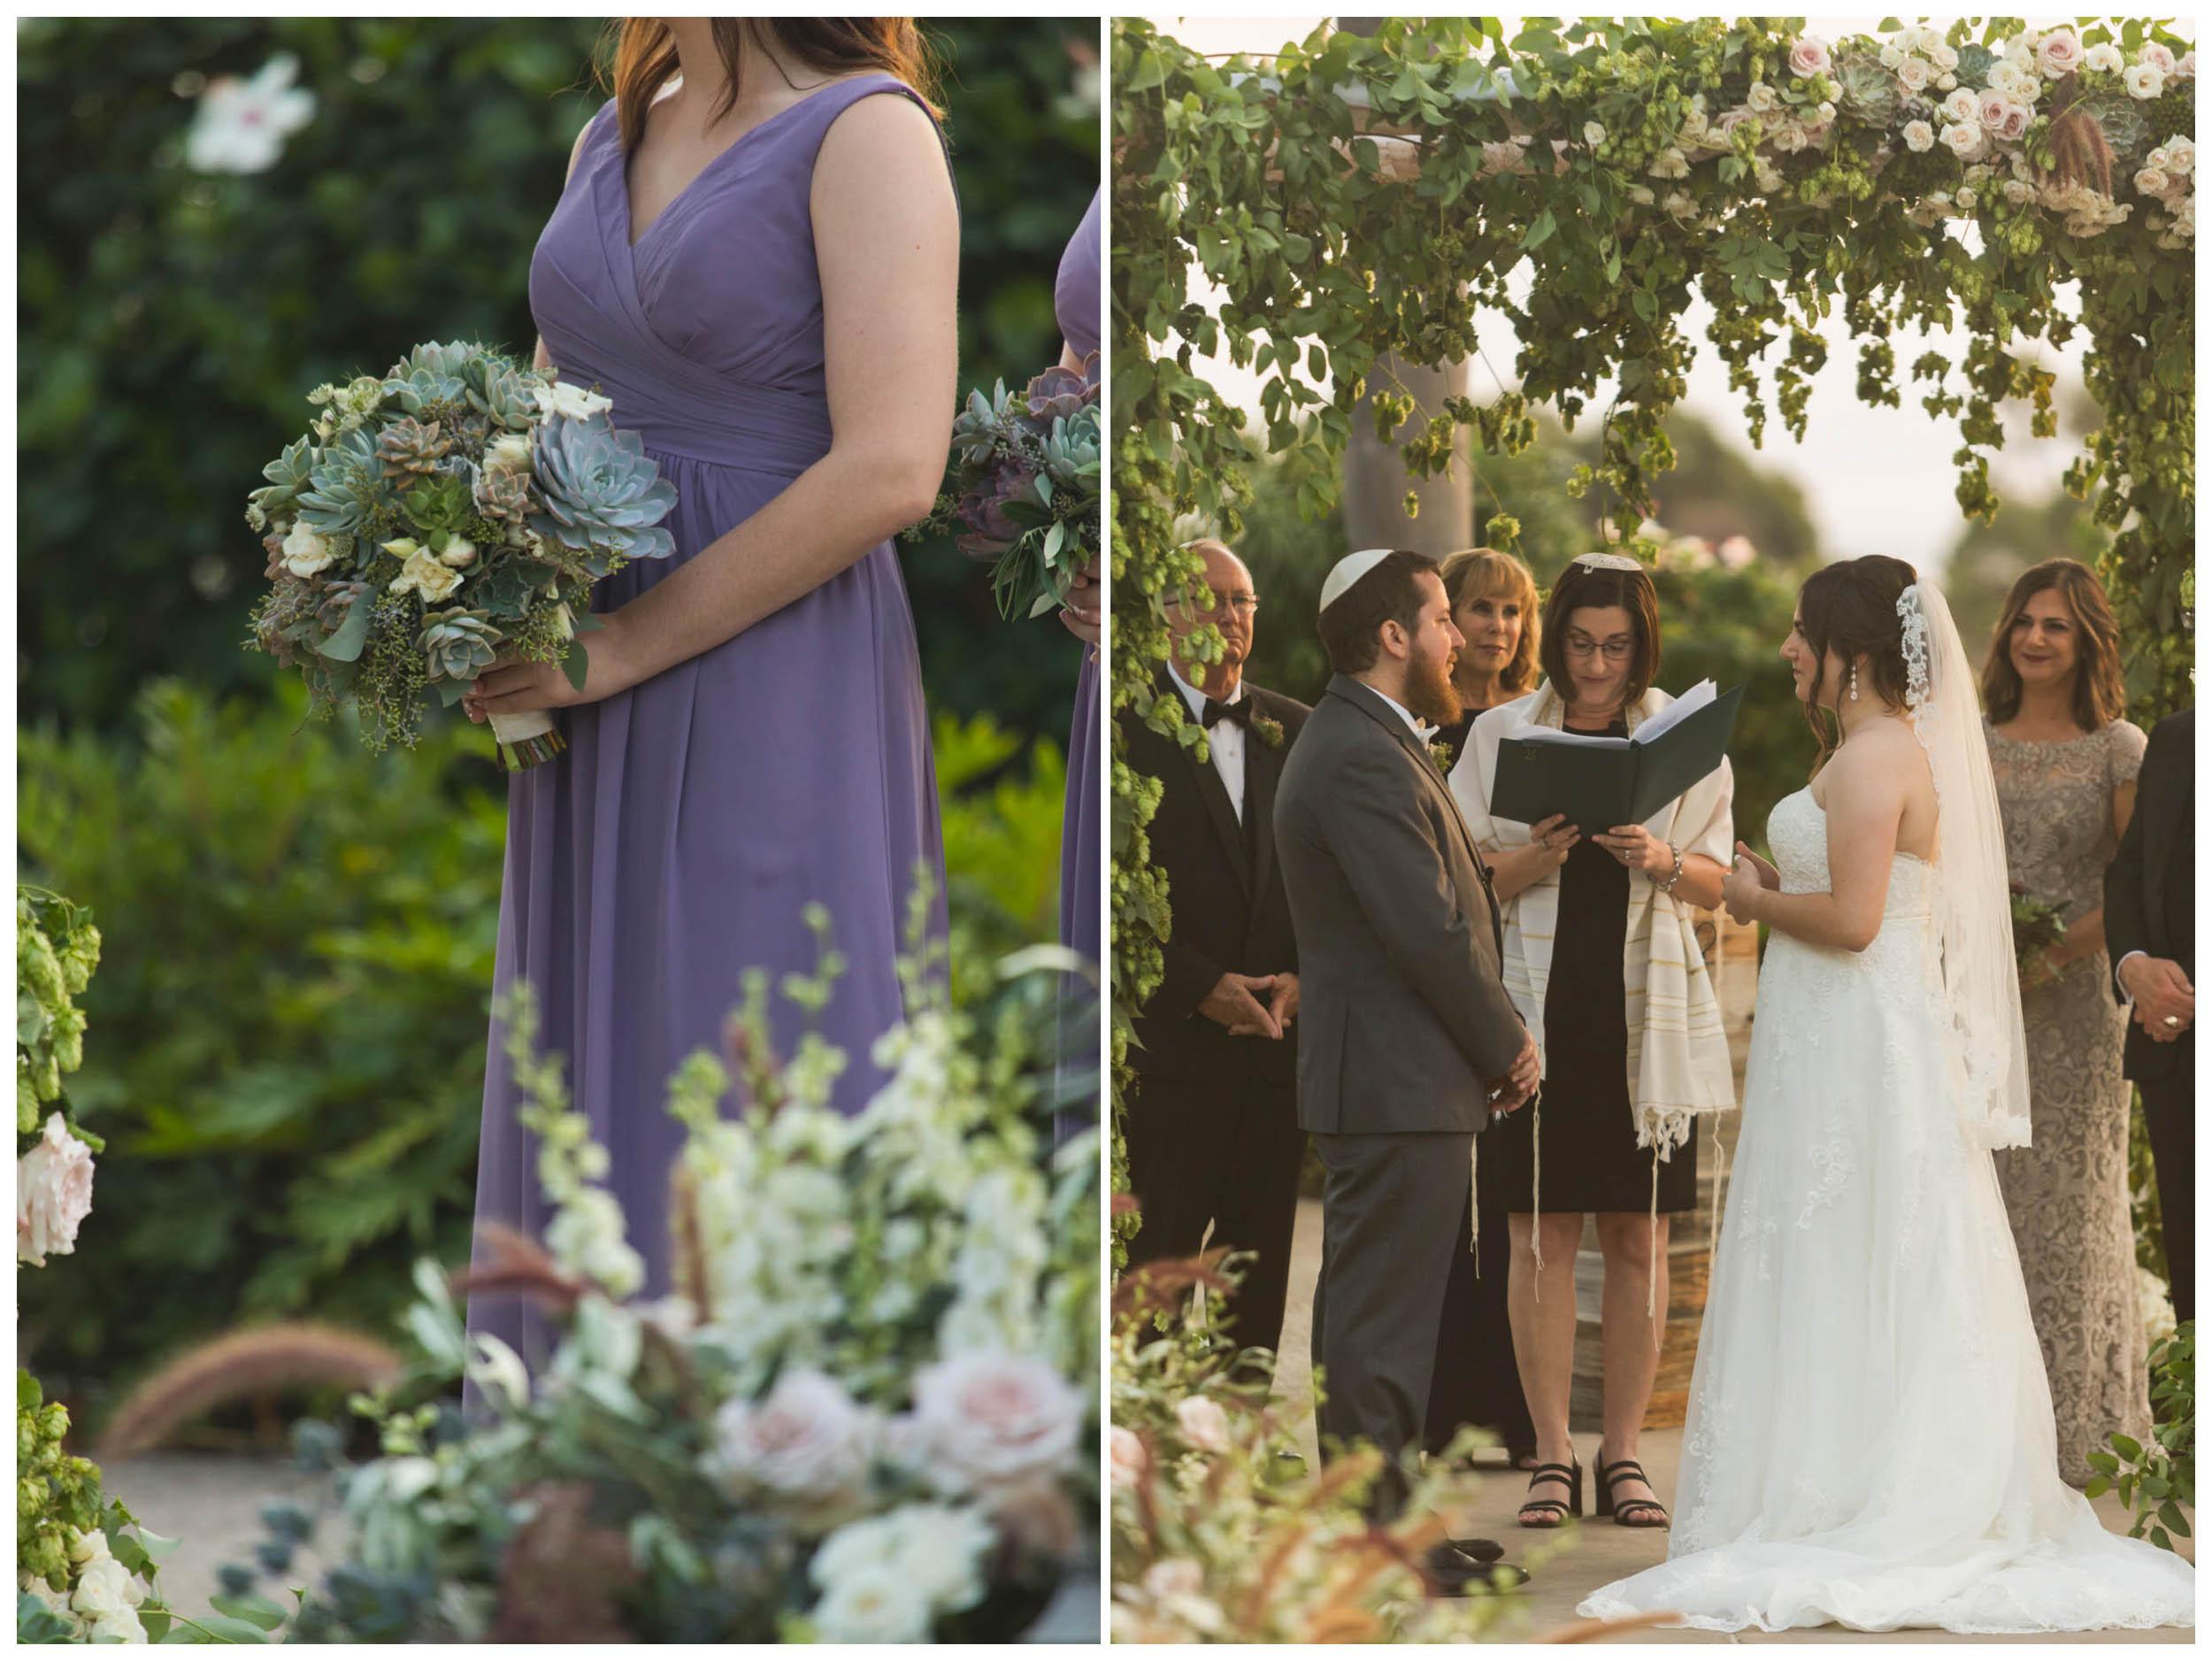 shewanders.wedding.photography.san.diego.rustic._1712.jpg